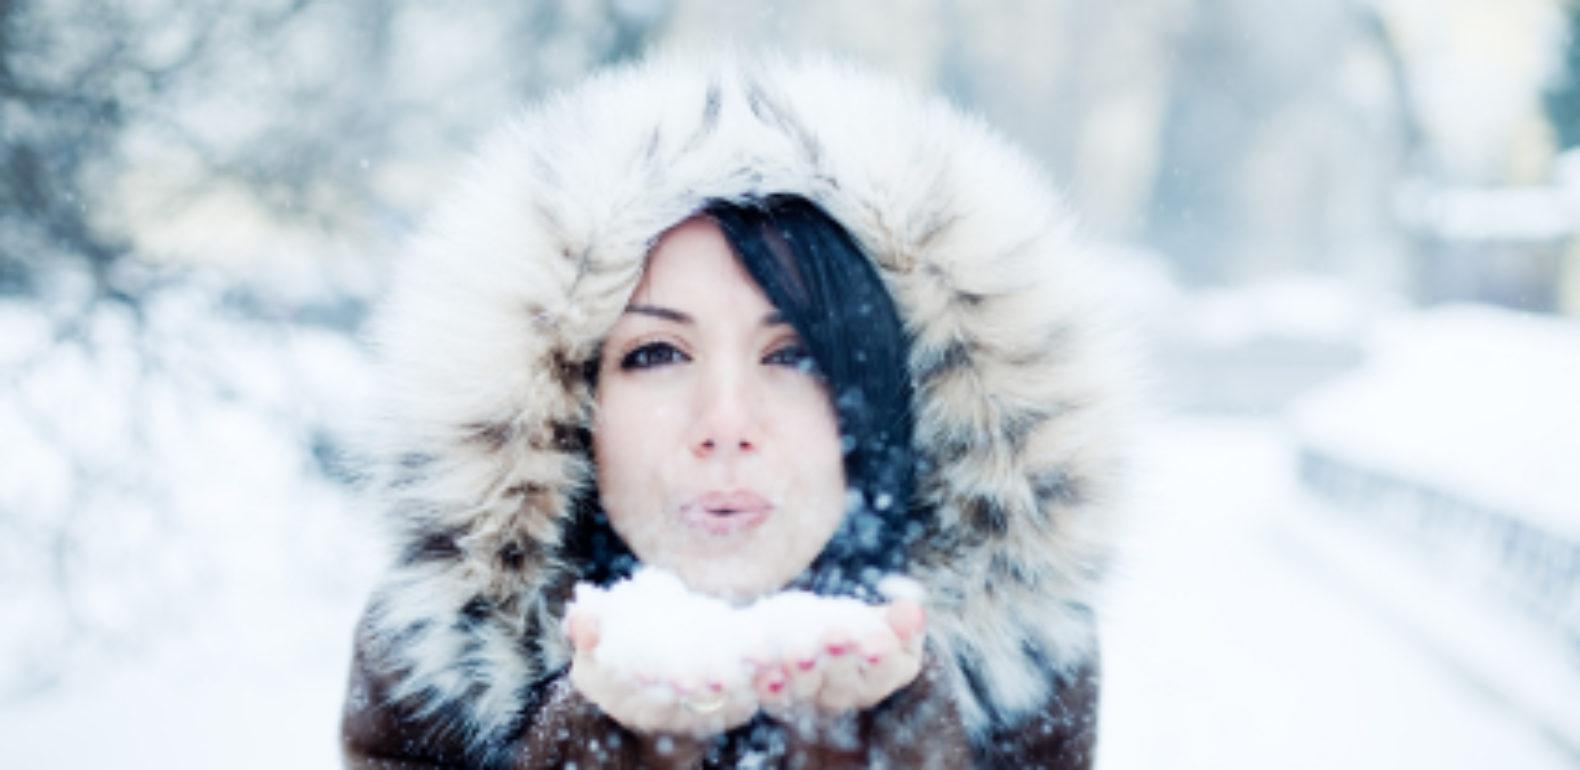 Comment viter une carence en vitamine d - C est l hiver qui frappe a notre porte ...